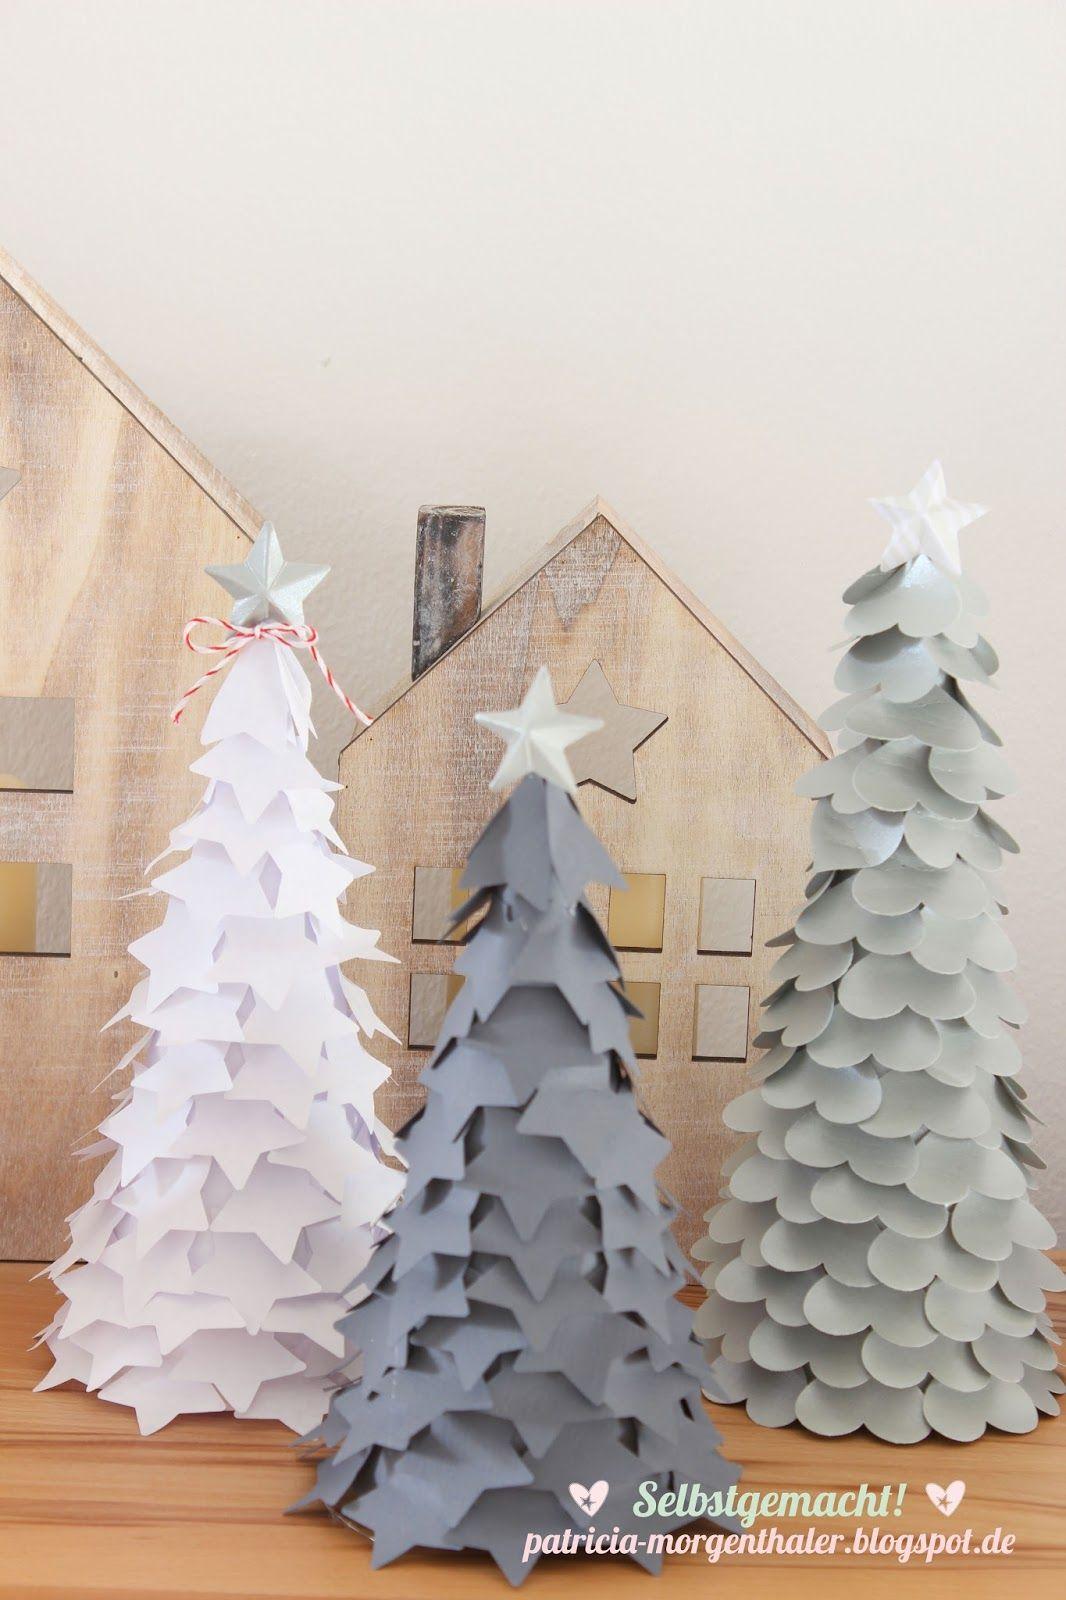 weihnachten ohne weihnachtsbaum geht nat rlich so gar. Black Bedroom Furniture Sets. Home Design Ideas